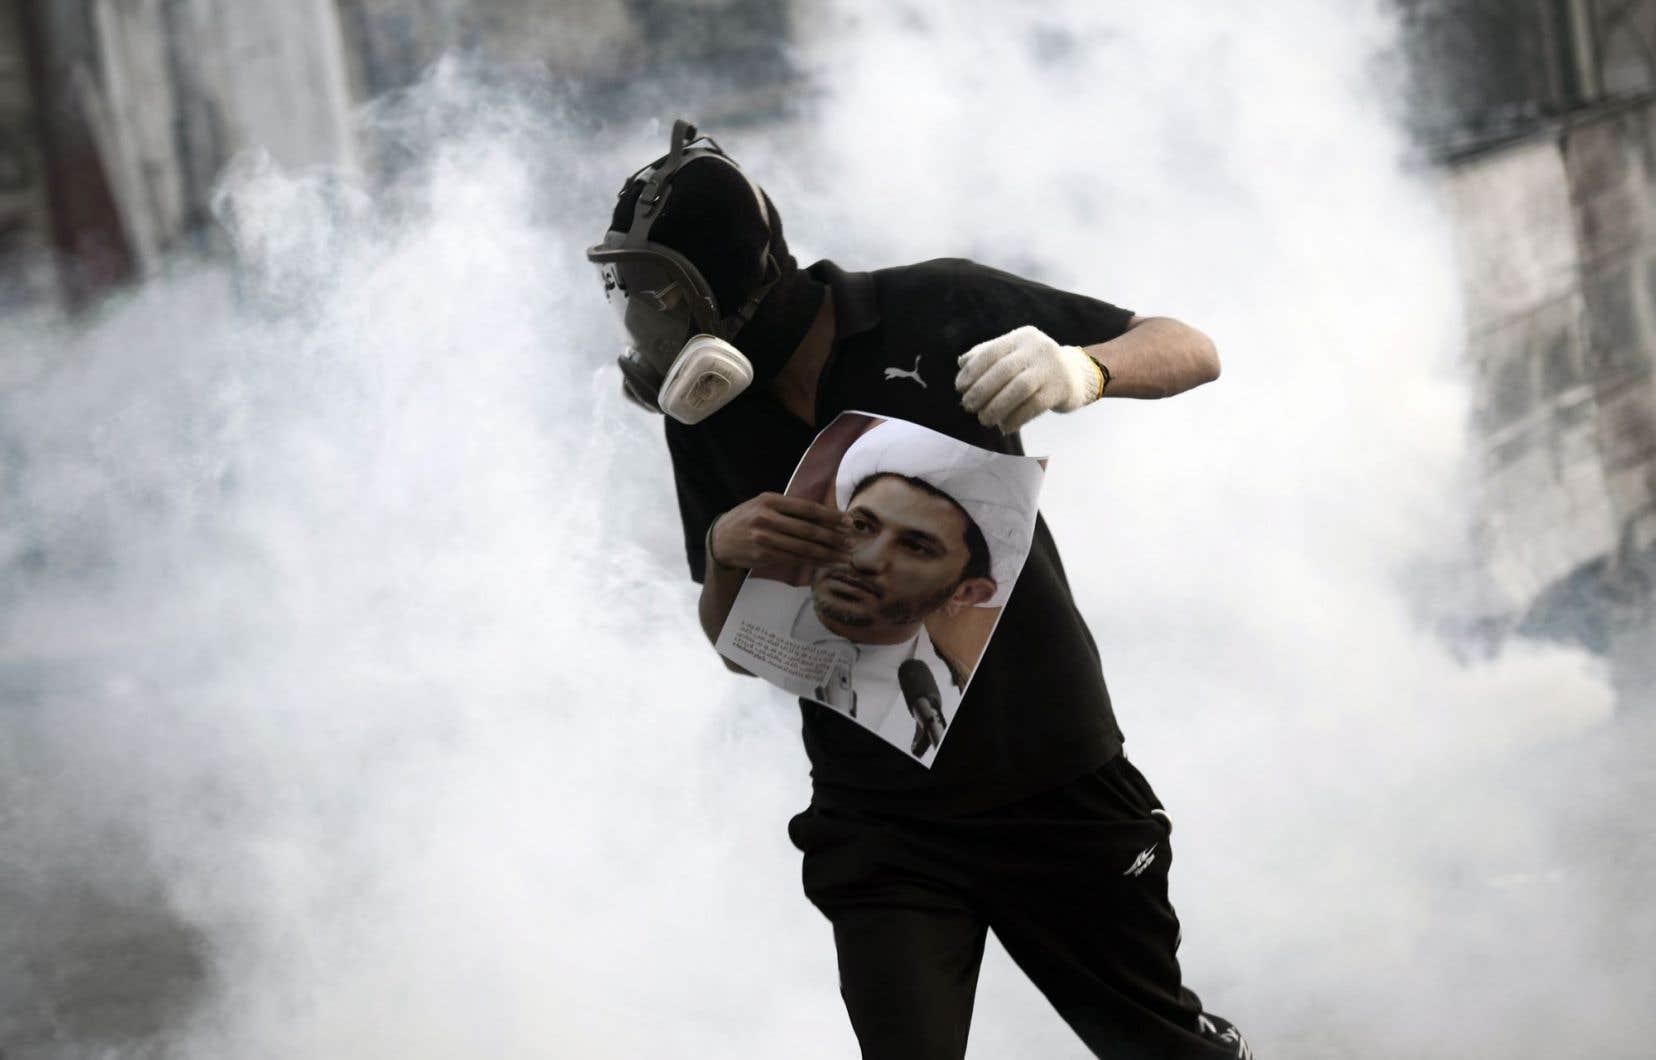 Les affrontements ont éclaté à la sortie des mosquées après la prière hebdomadaire du vendredi, lorsque les forces antiémeutes ont tiré des gaz lacrymogènes et à la chevrotine pour disperser la foule.